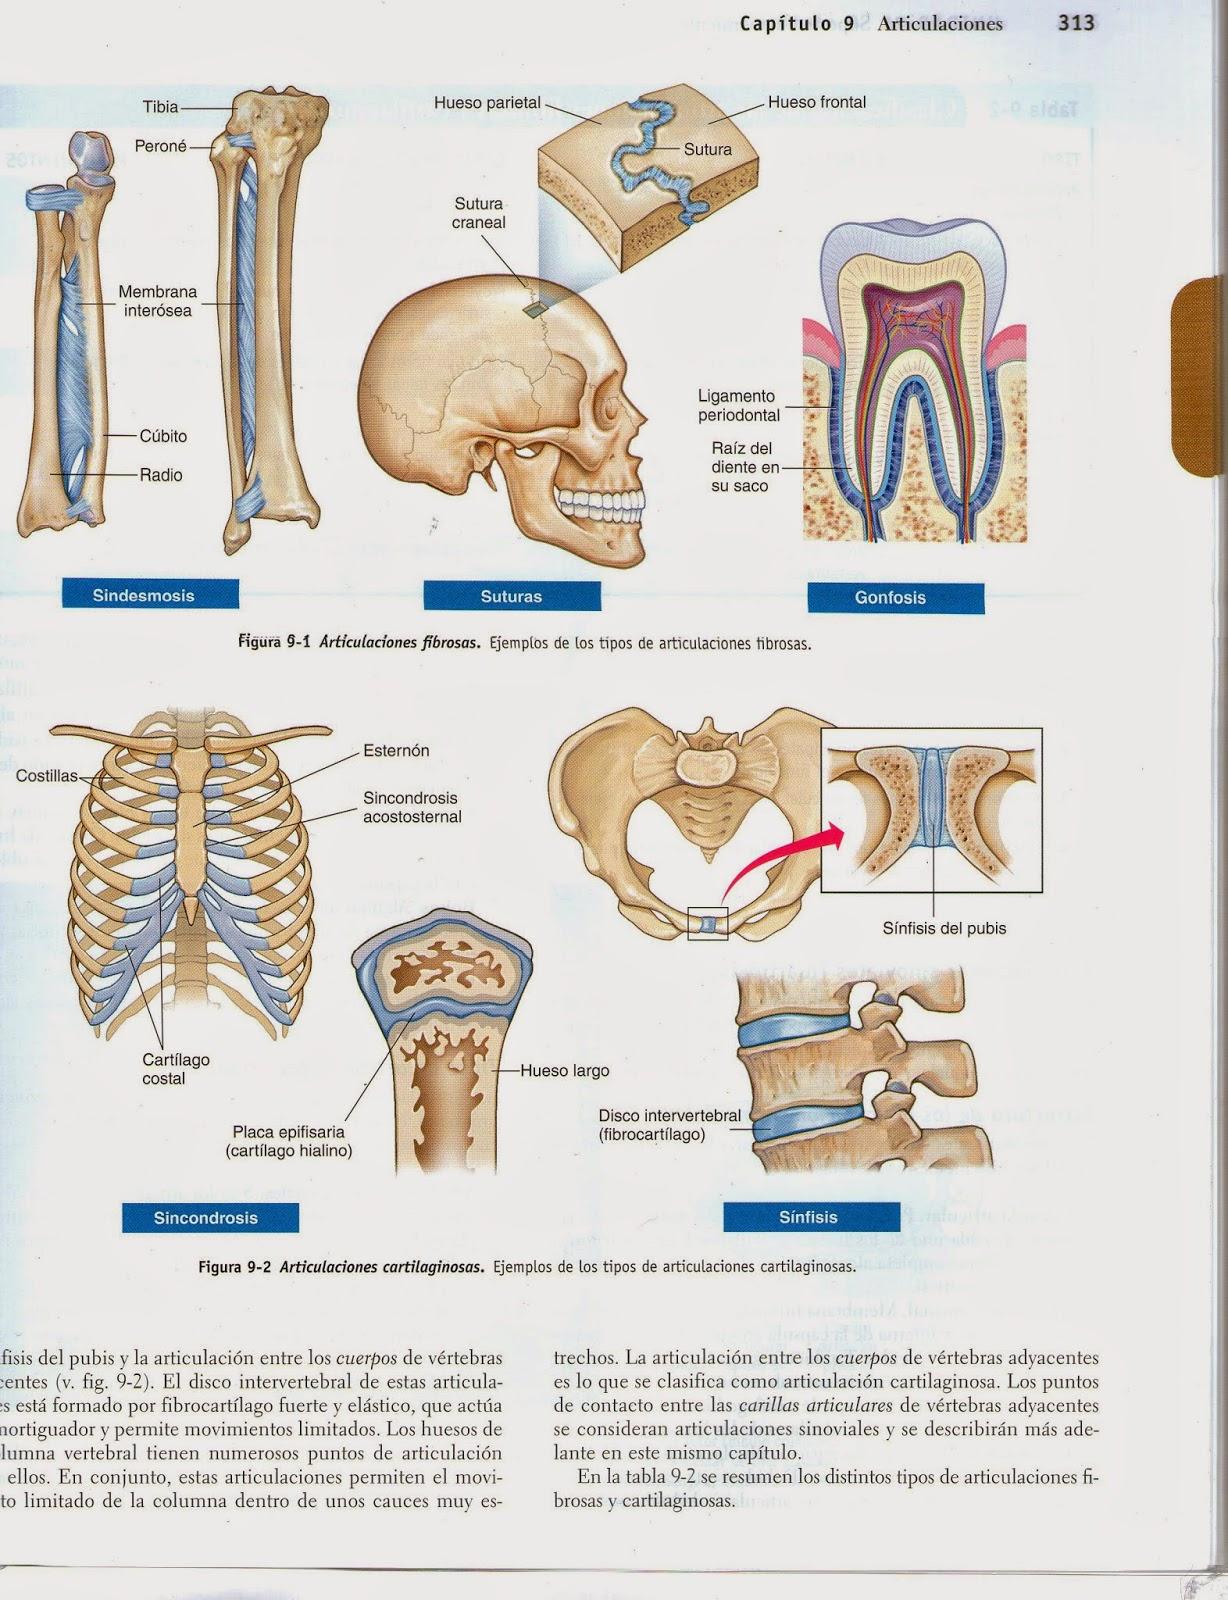 Mariano Acosta Biología: Articulaciones. Imágenes. Para 4to Biológico.